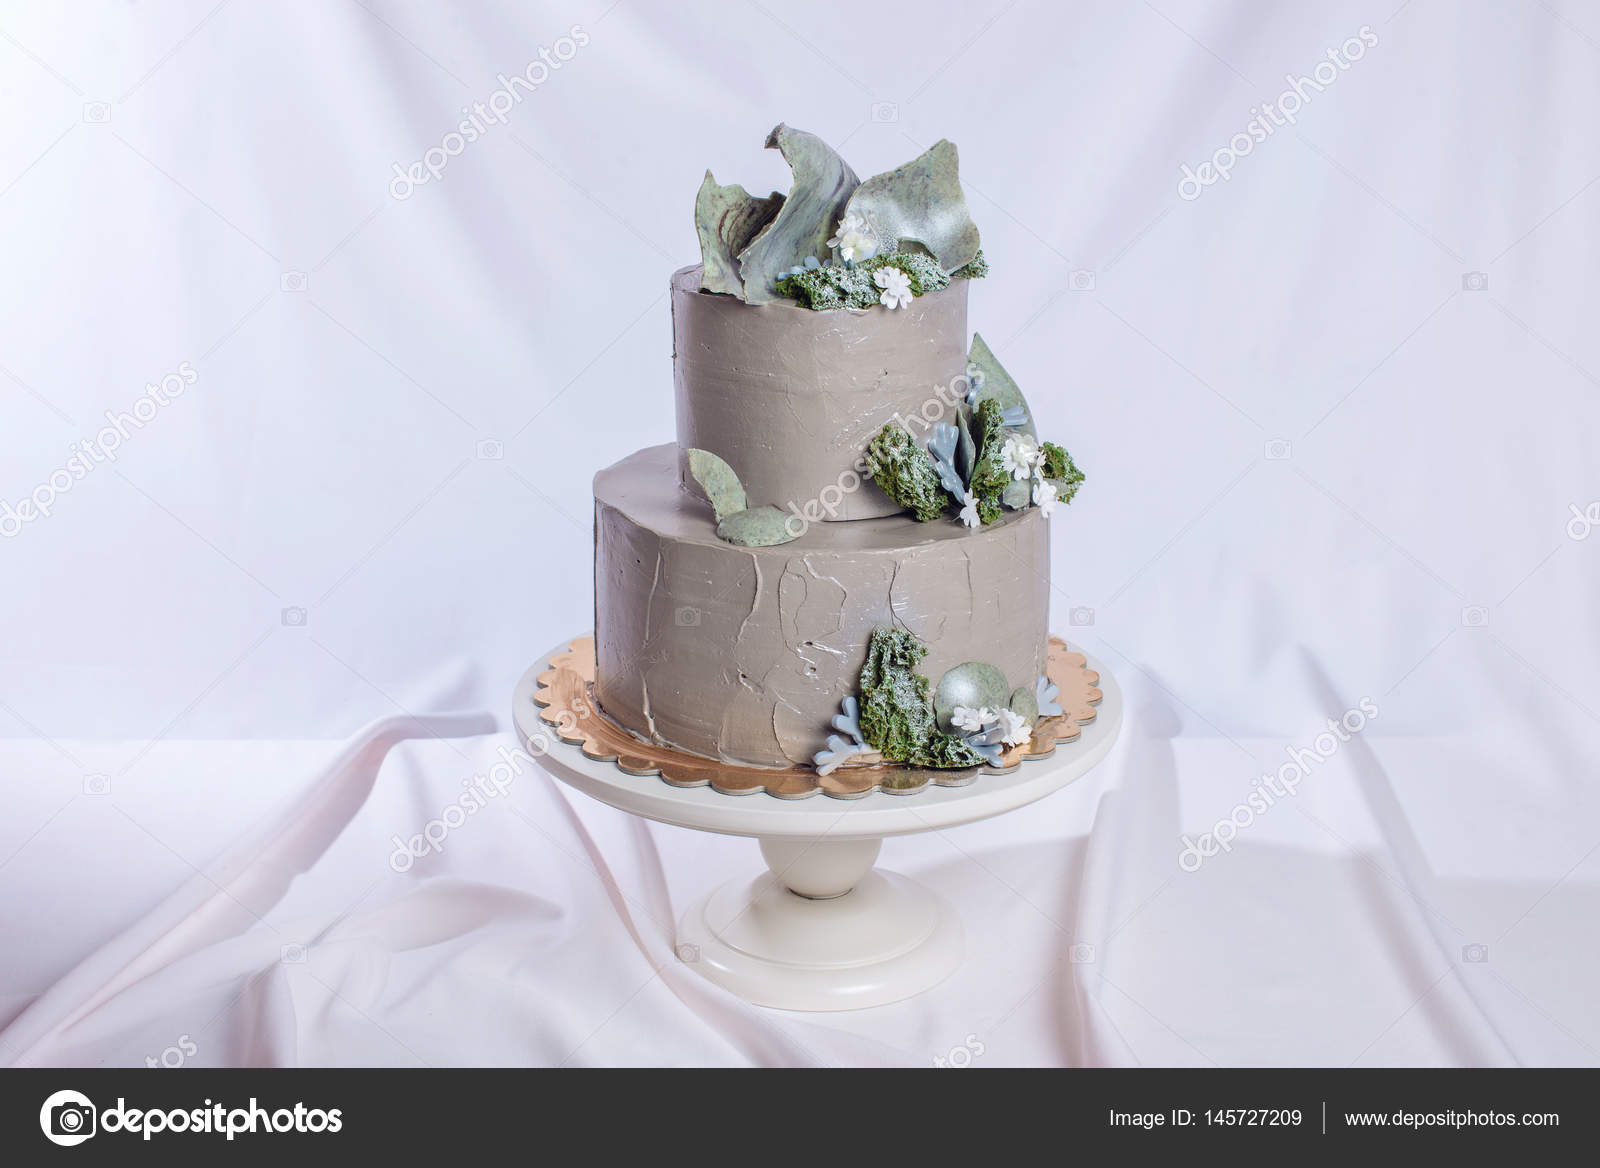 Hochzeitstorte Mit Stein Und Moos Und Wald Blumen Geschmuckt